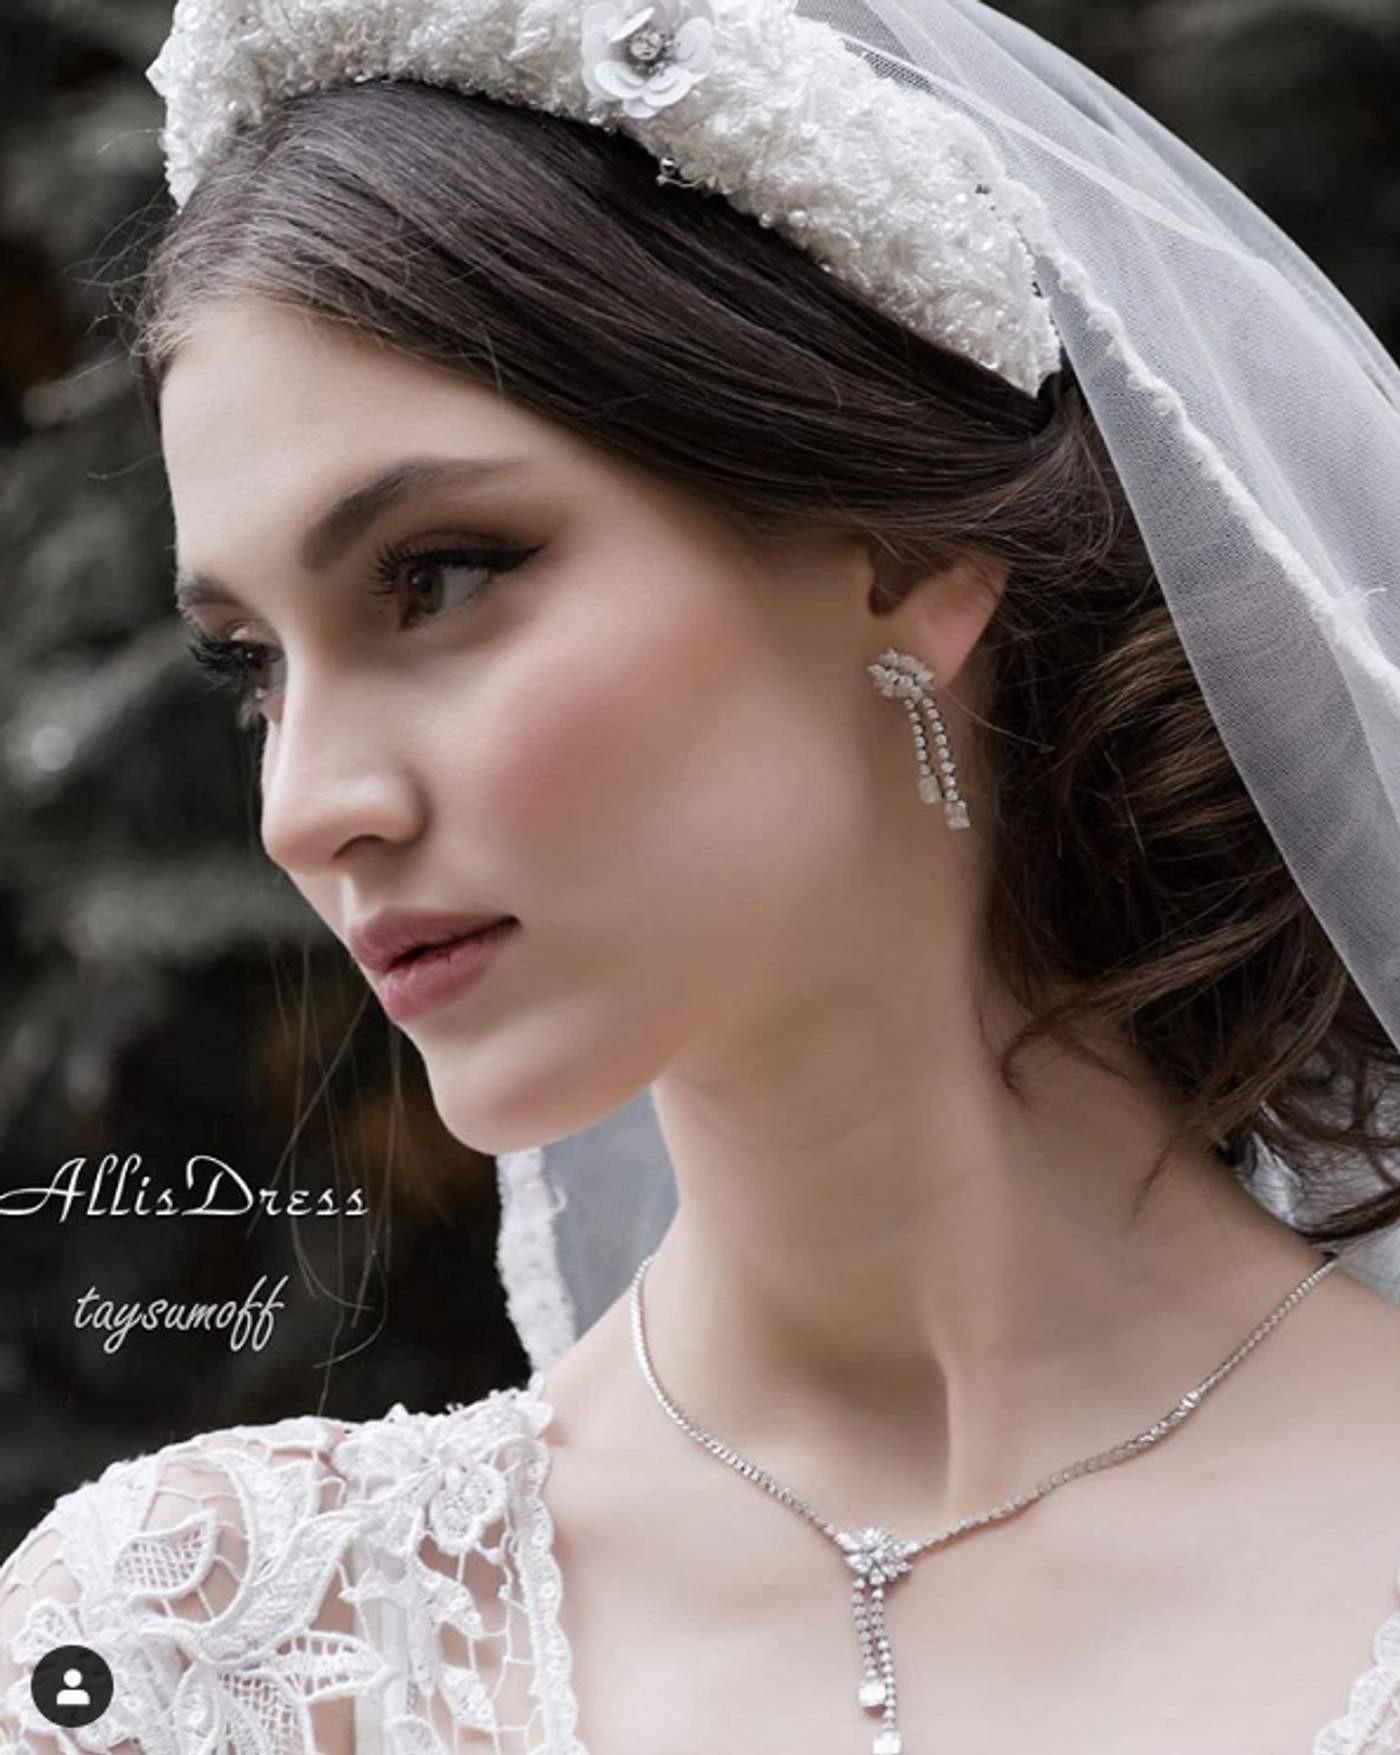 18-летняя жена байсарова